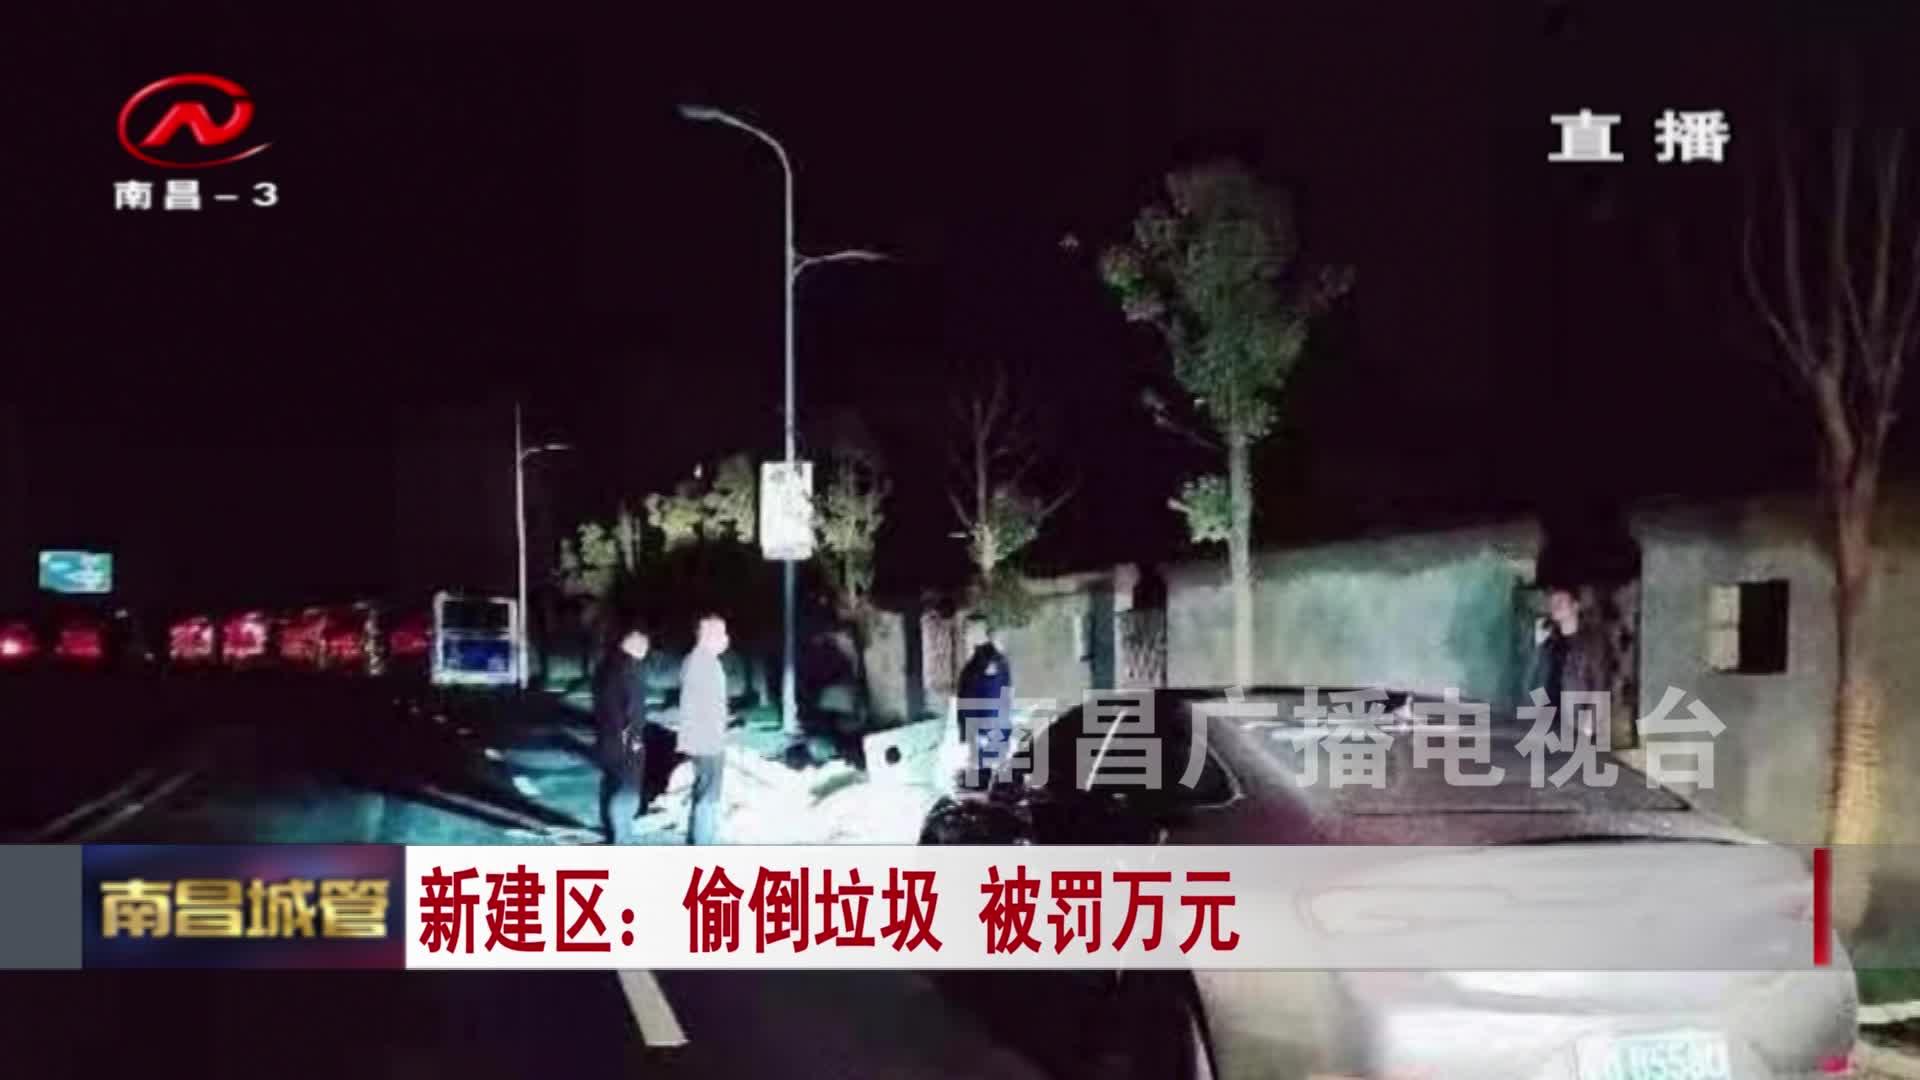 【城管新聞】新建區:偷倒垃圾 被罰萬元